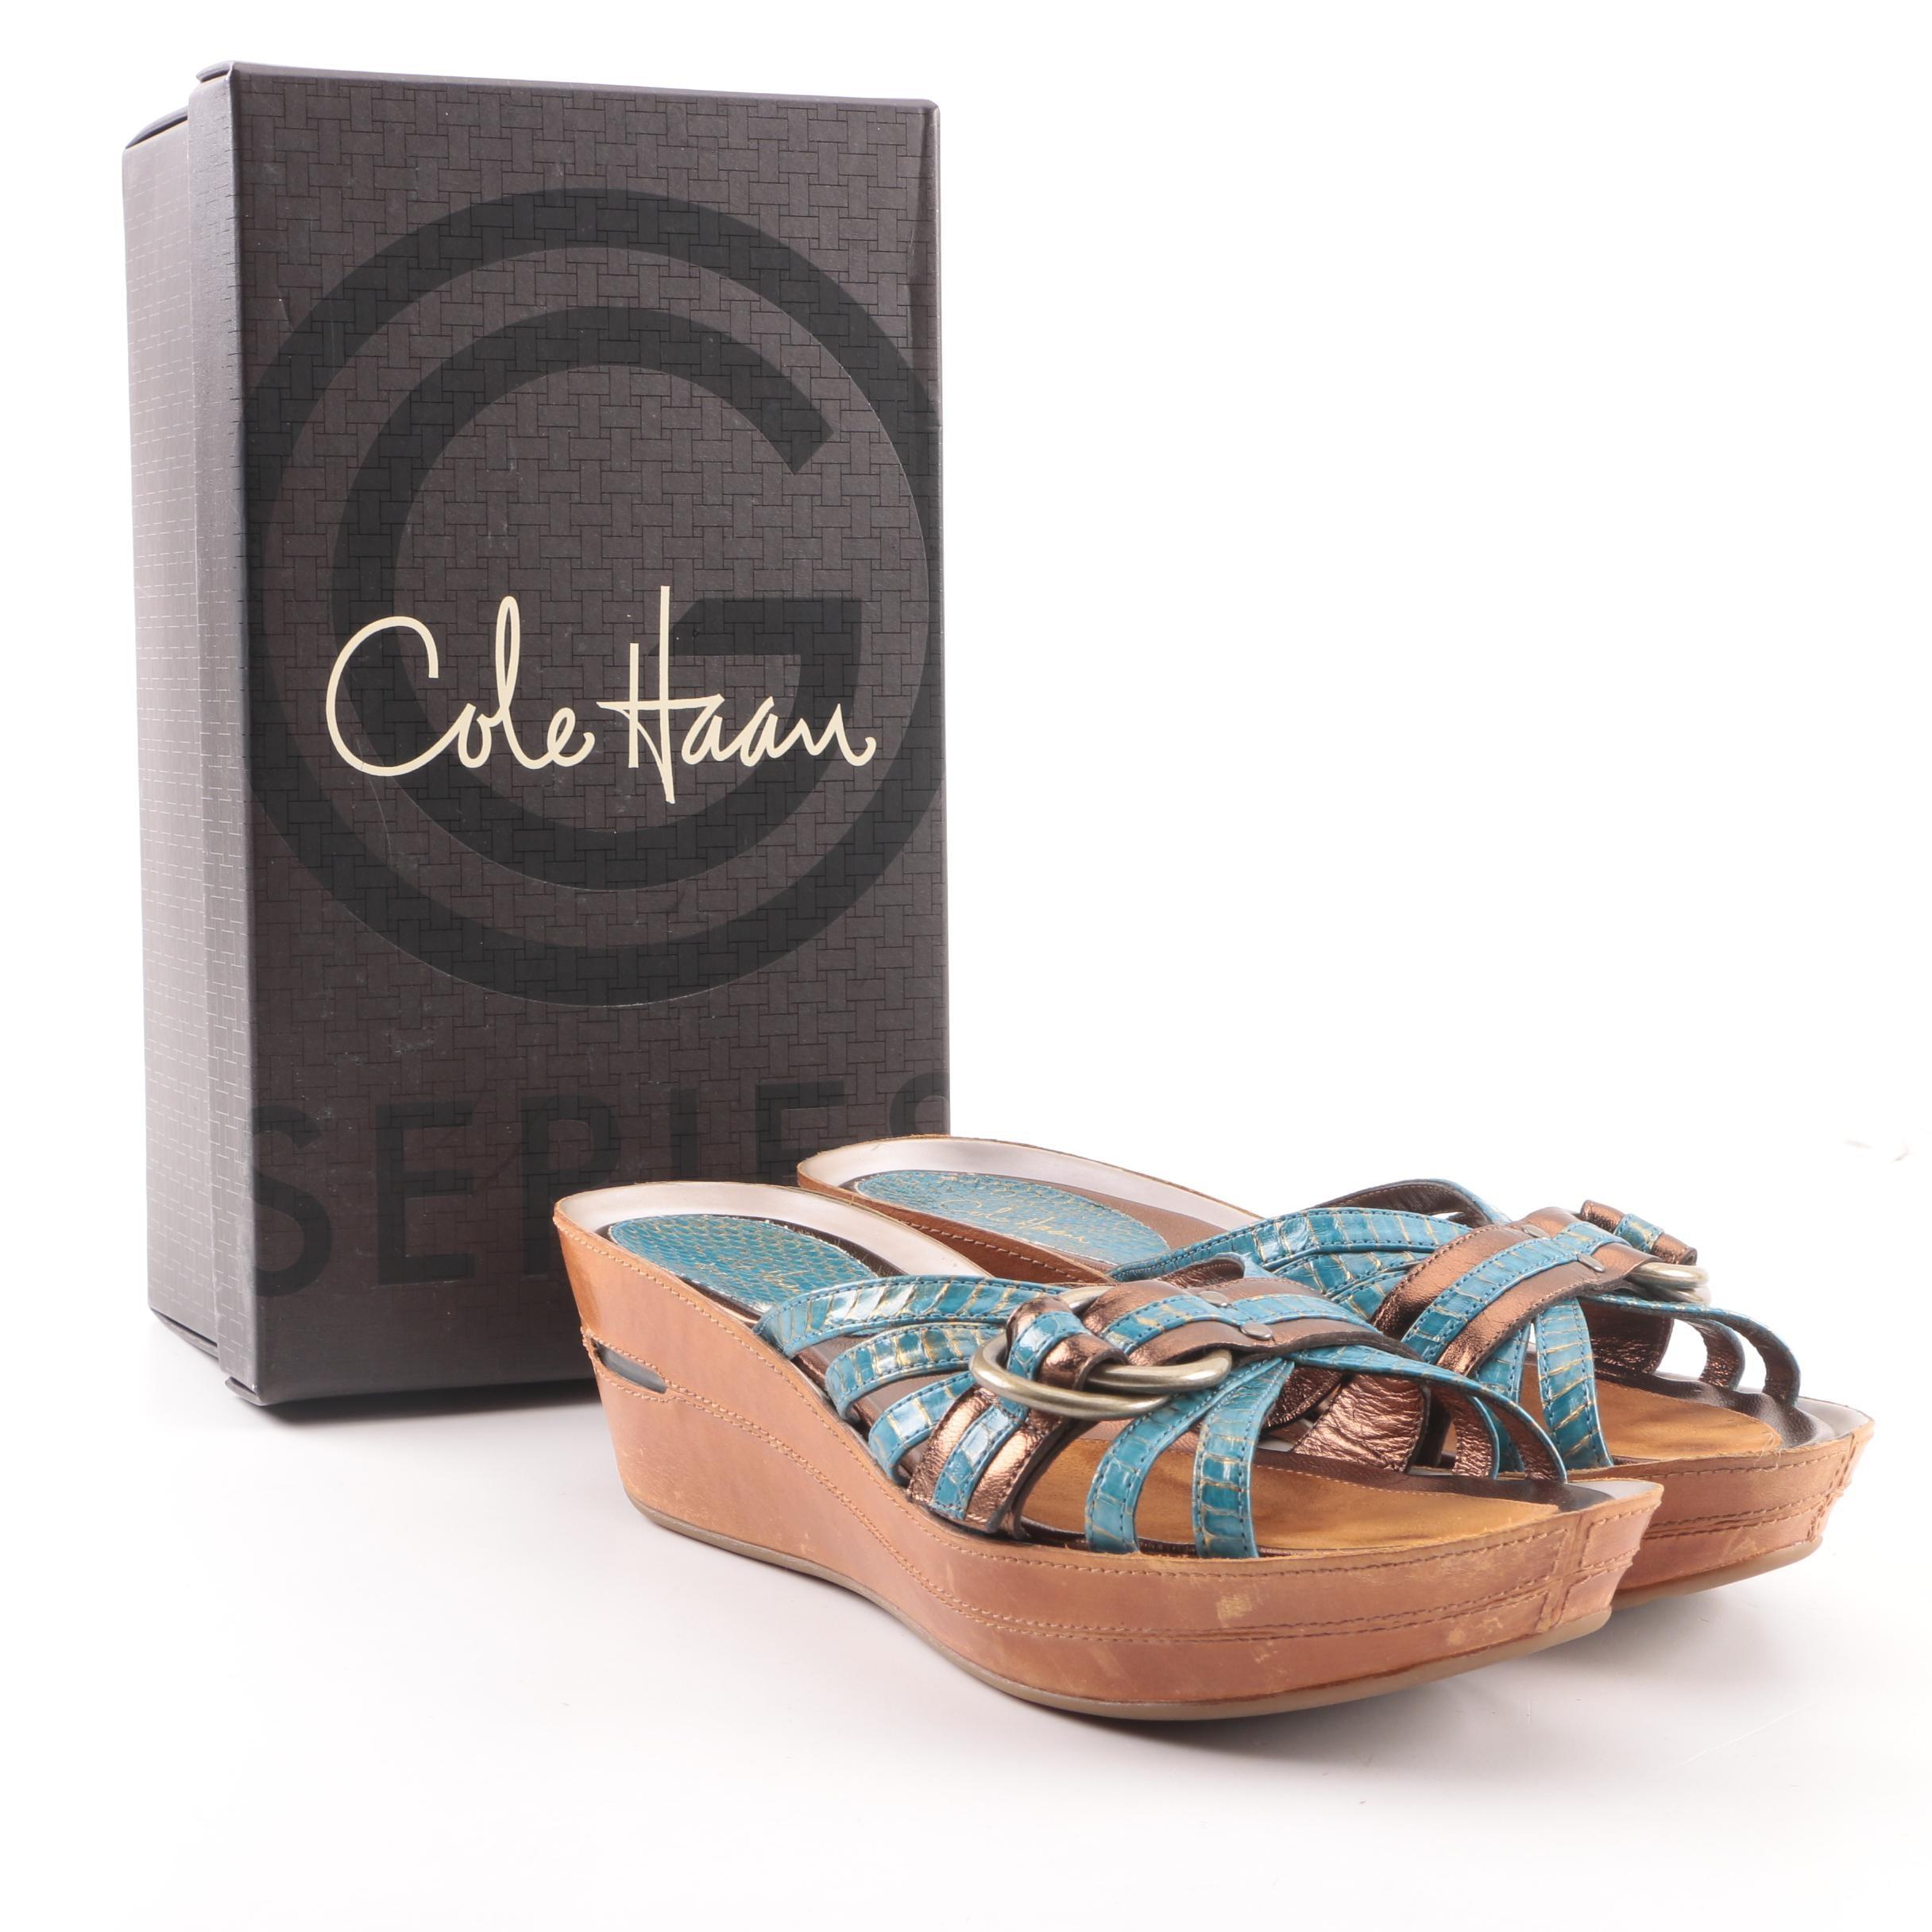 Cole Haan Air Brylee Snakeskin Embossed Leather Platform Wedge Slide Sandals